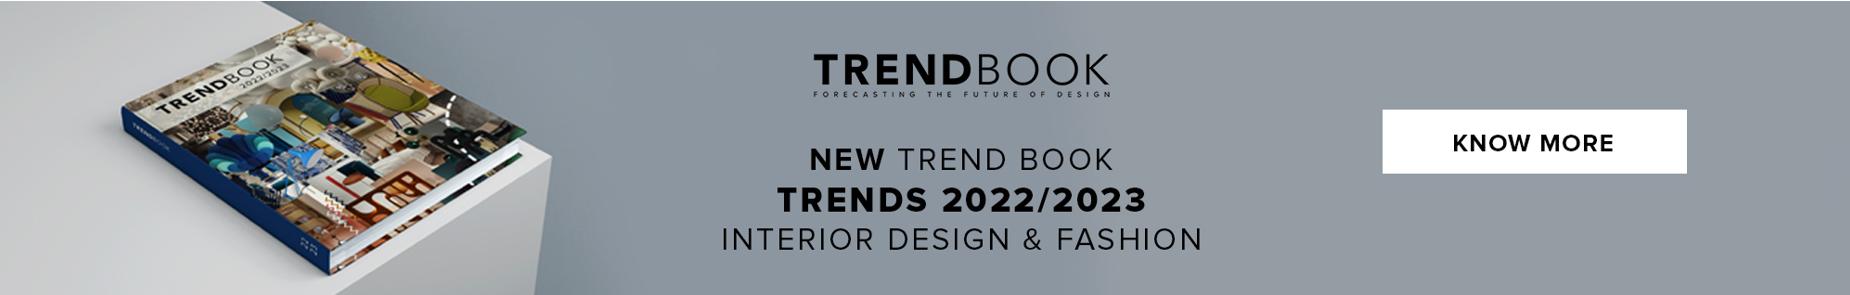 Trends 22/23 andreia matias Andreia Matias: Meet This Top Interior Designer & Founder Of DZINE 8568a6c16c46b46278586cd982630605